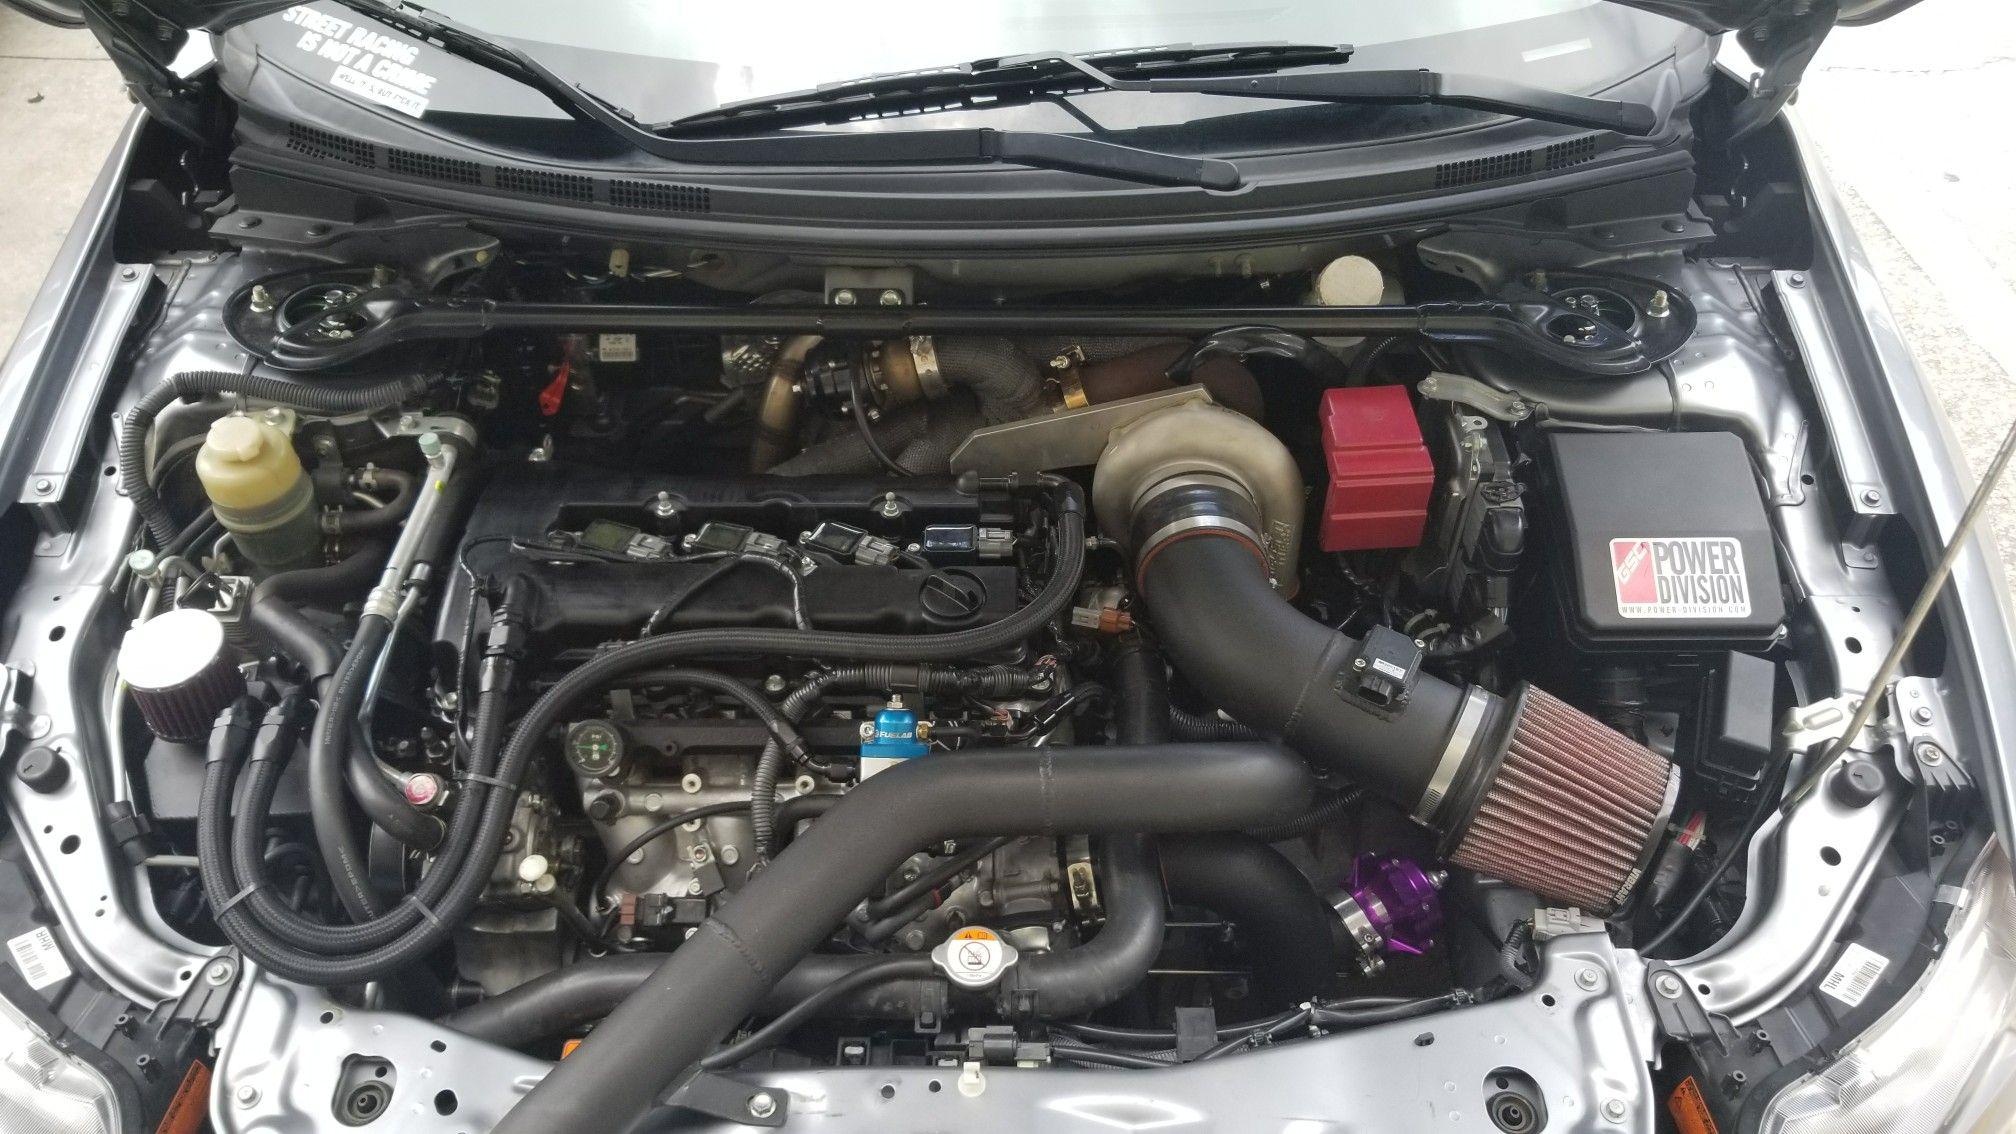 Evo x sidewinder turbo kit | Evo Everywhere | Evo x, Evo